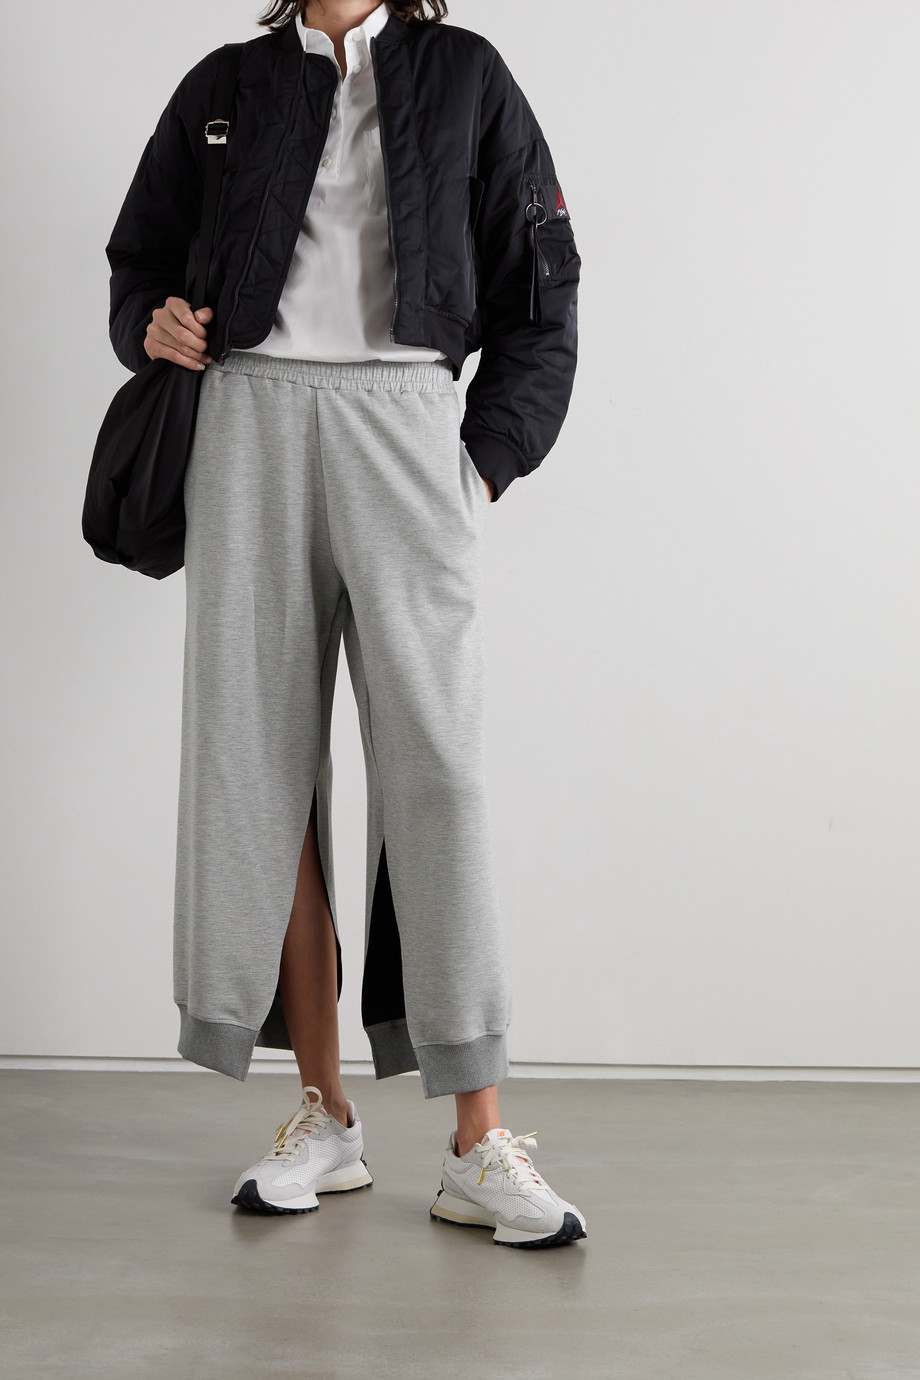 MM6 Maison Margiela Pantalon de survêtement en jersey chiné